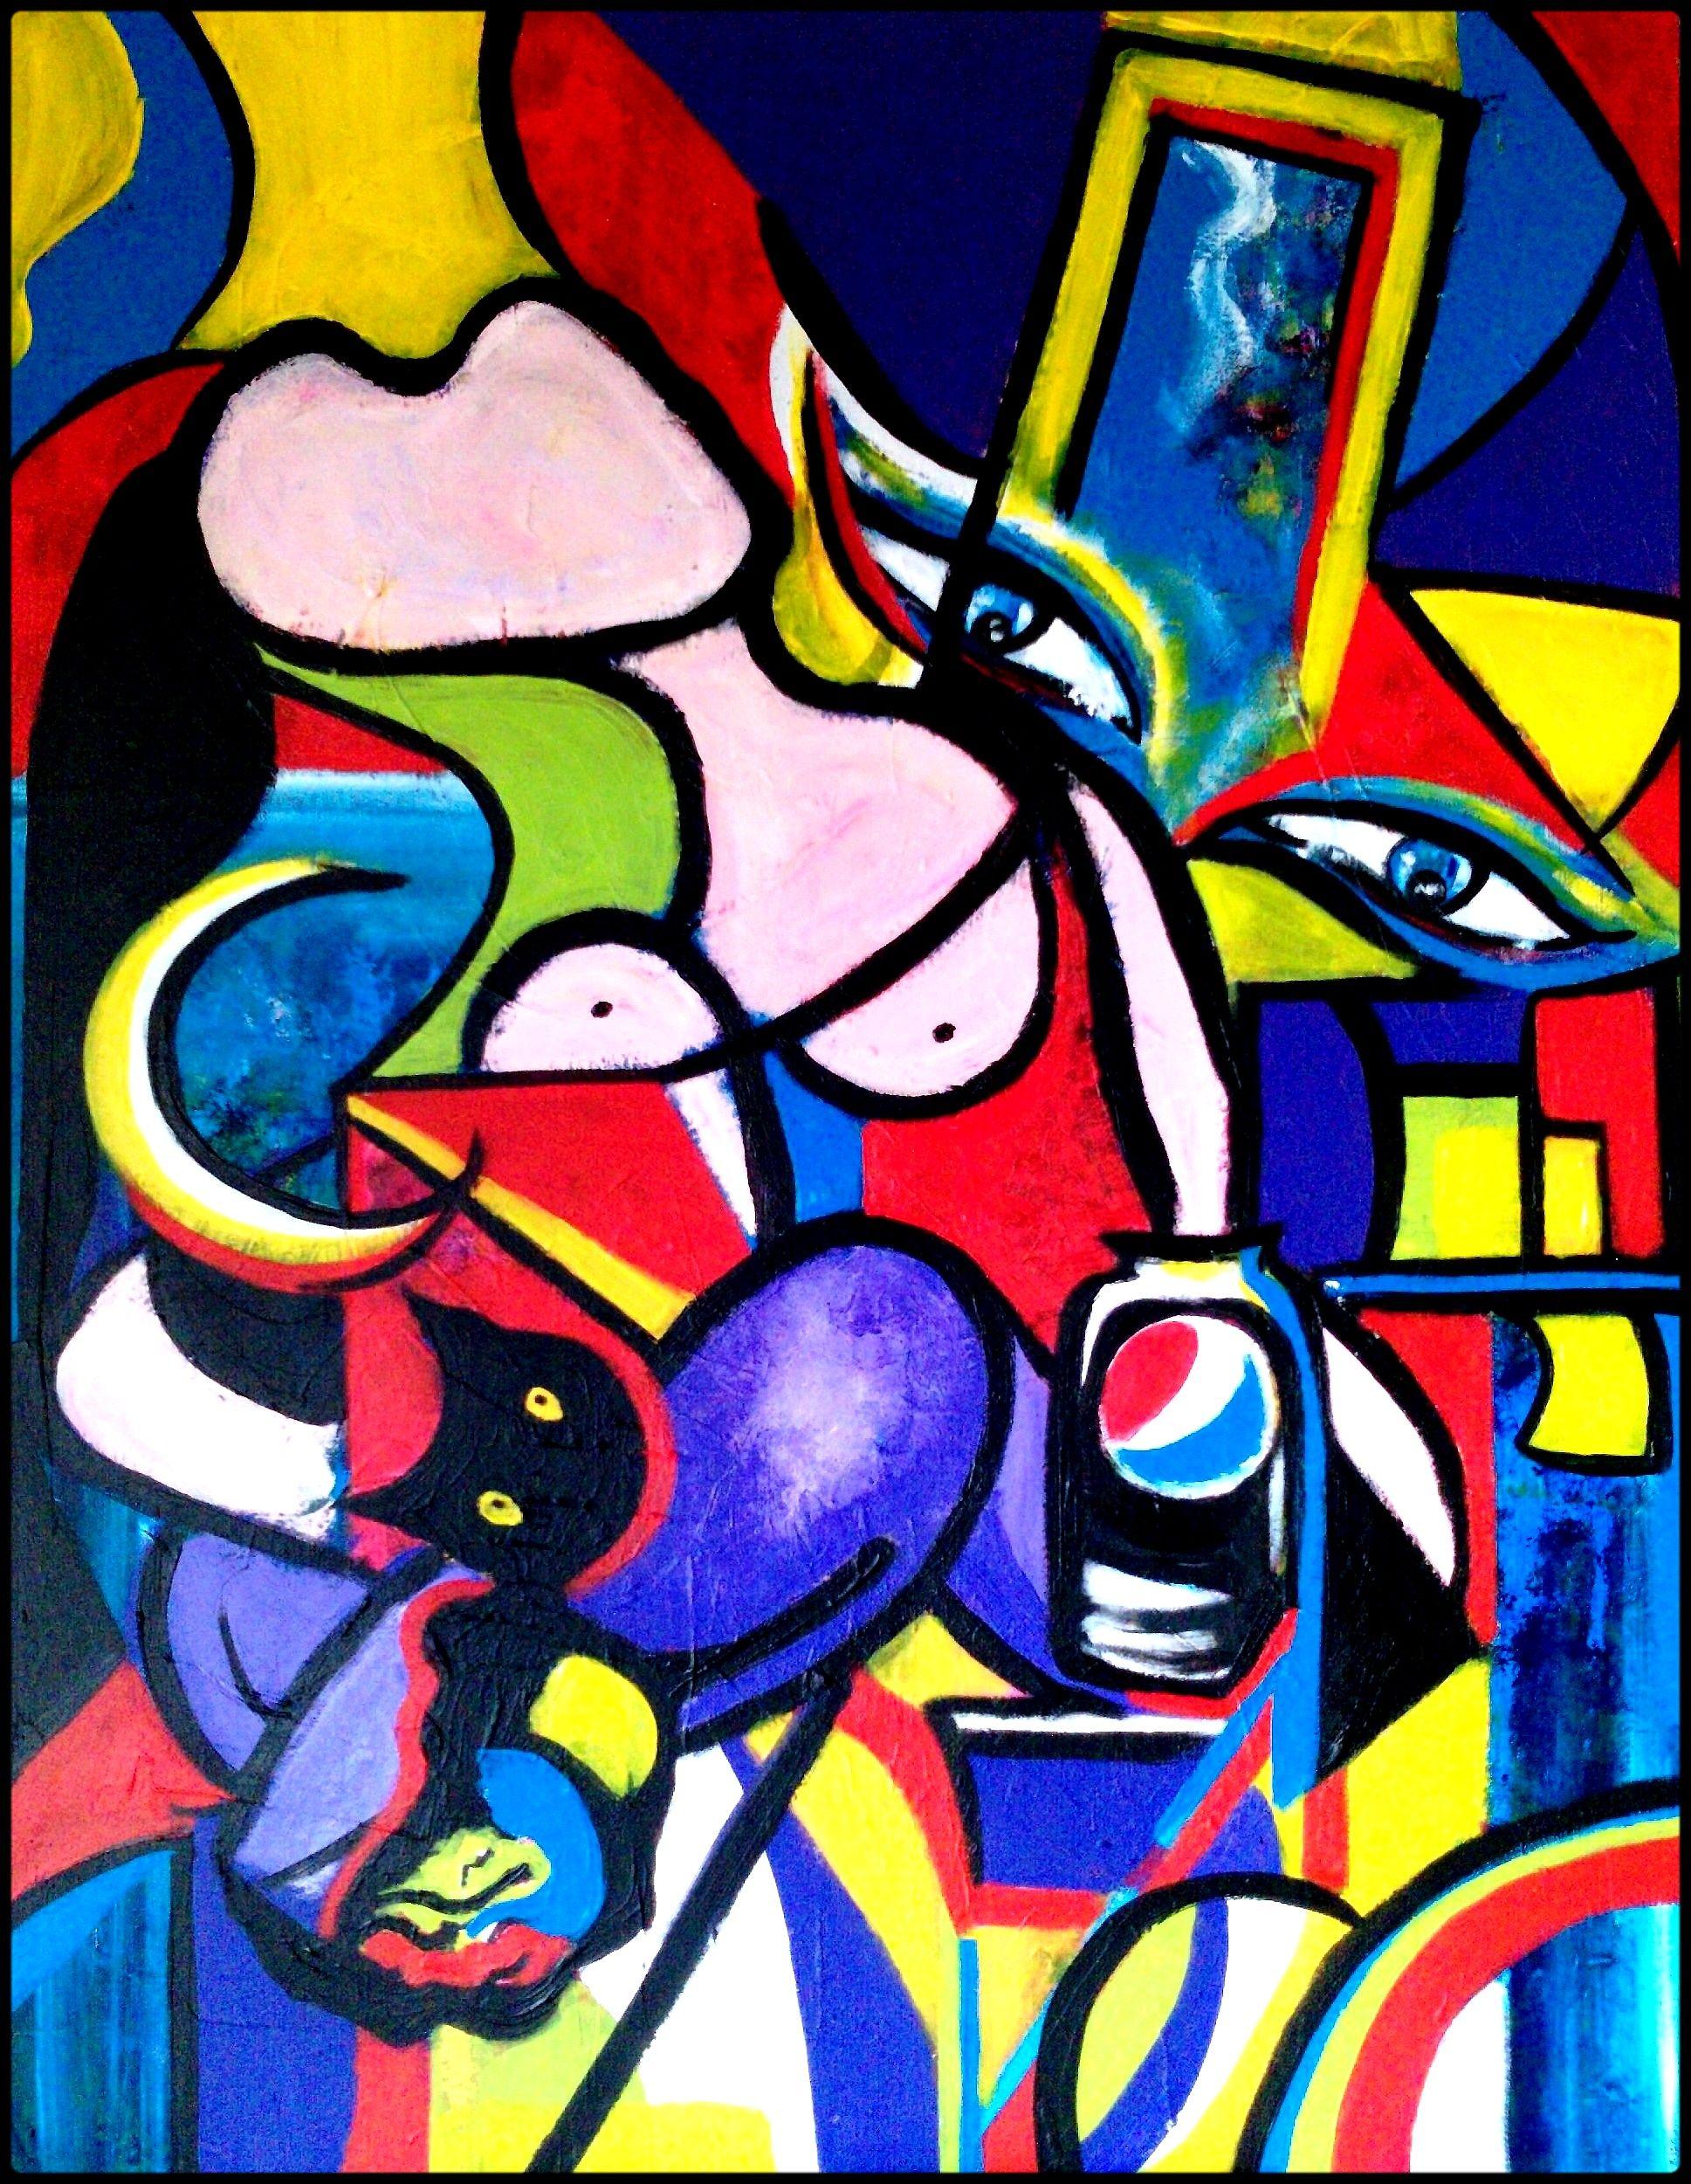 picasso paintings | clin d'oeil à Picasso by Bochaton Emmanuelle ...